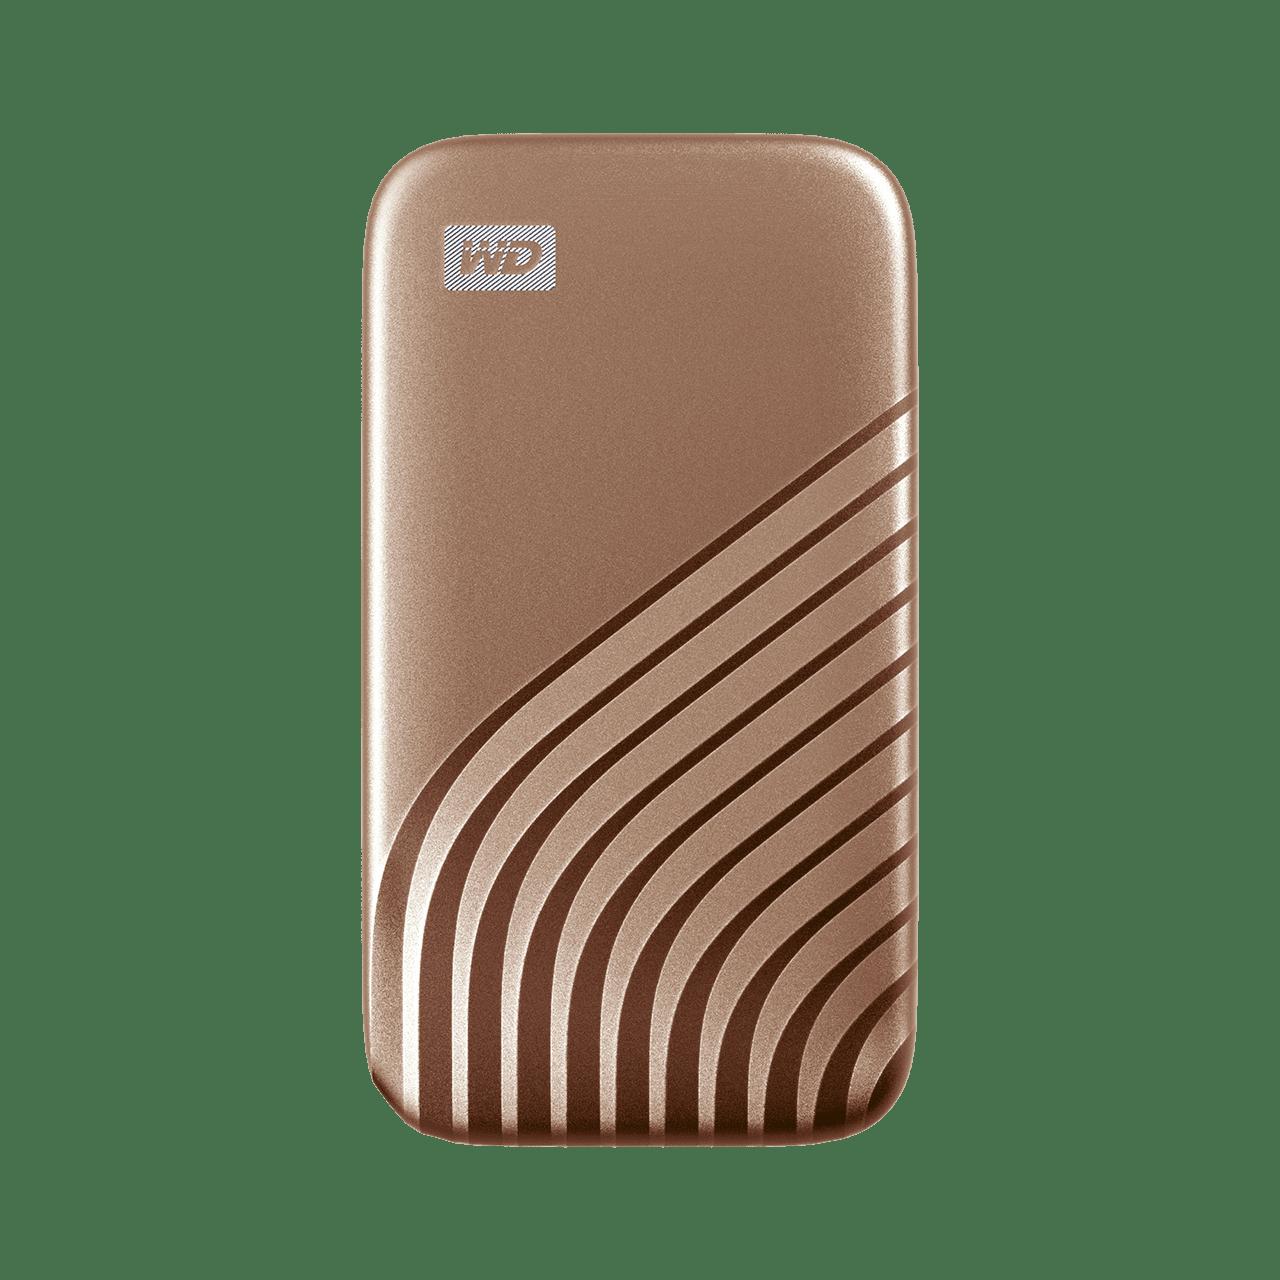 Ext. SSD WD My Passport SSD 1TB zlatá - WDBAGF0010BGD-WESN